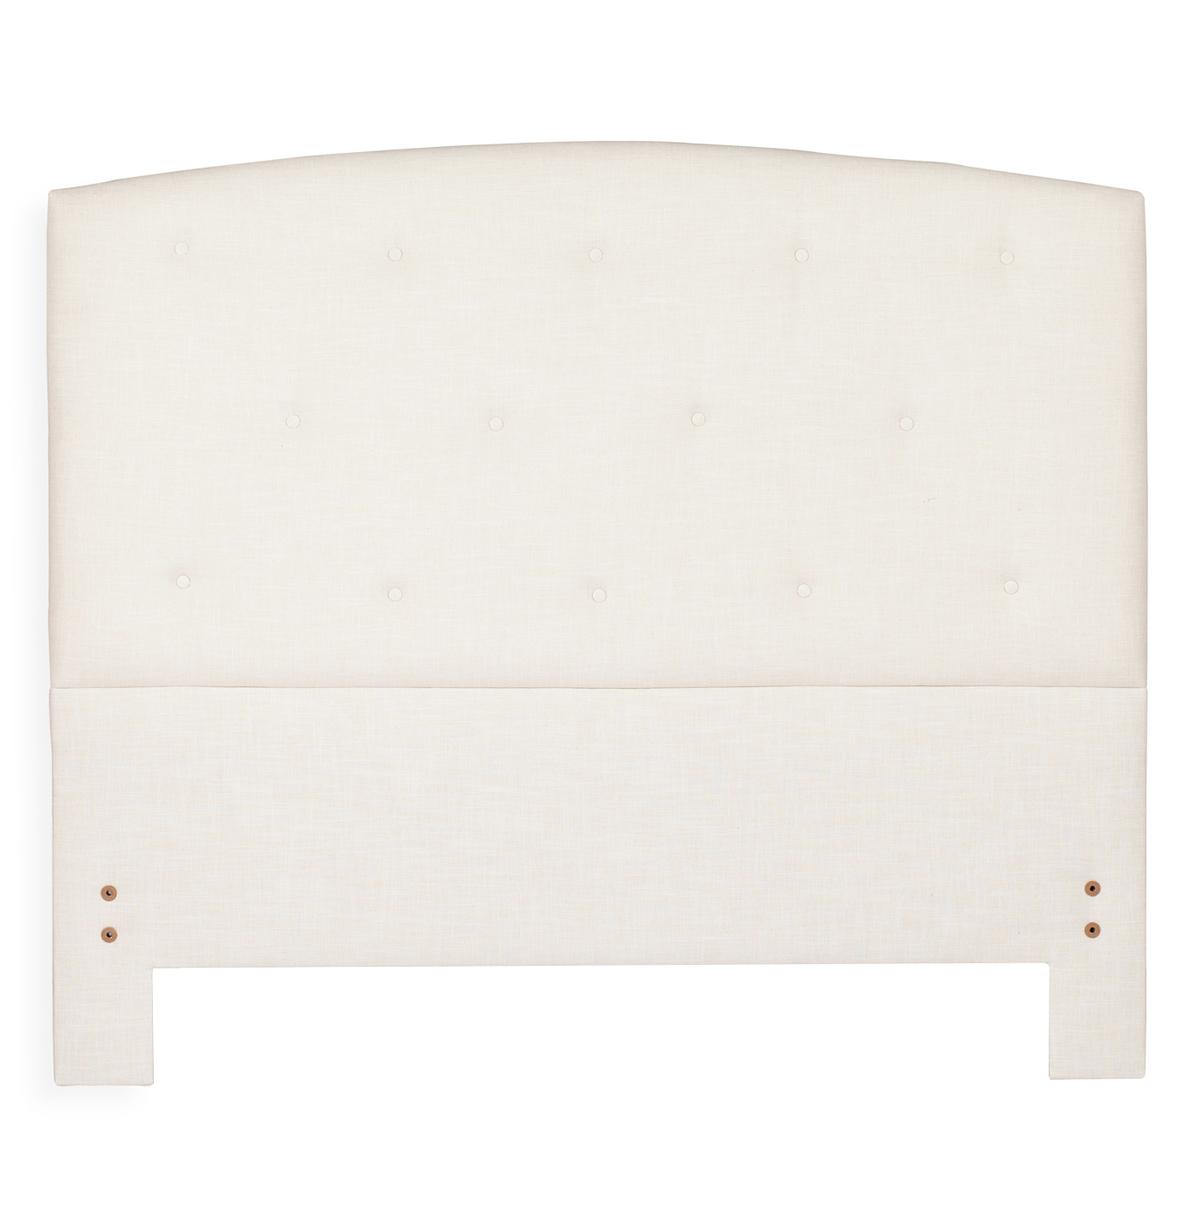 Eloise Modern Classic Tufted Ivory Linen Headboard - Queen